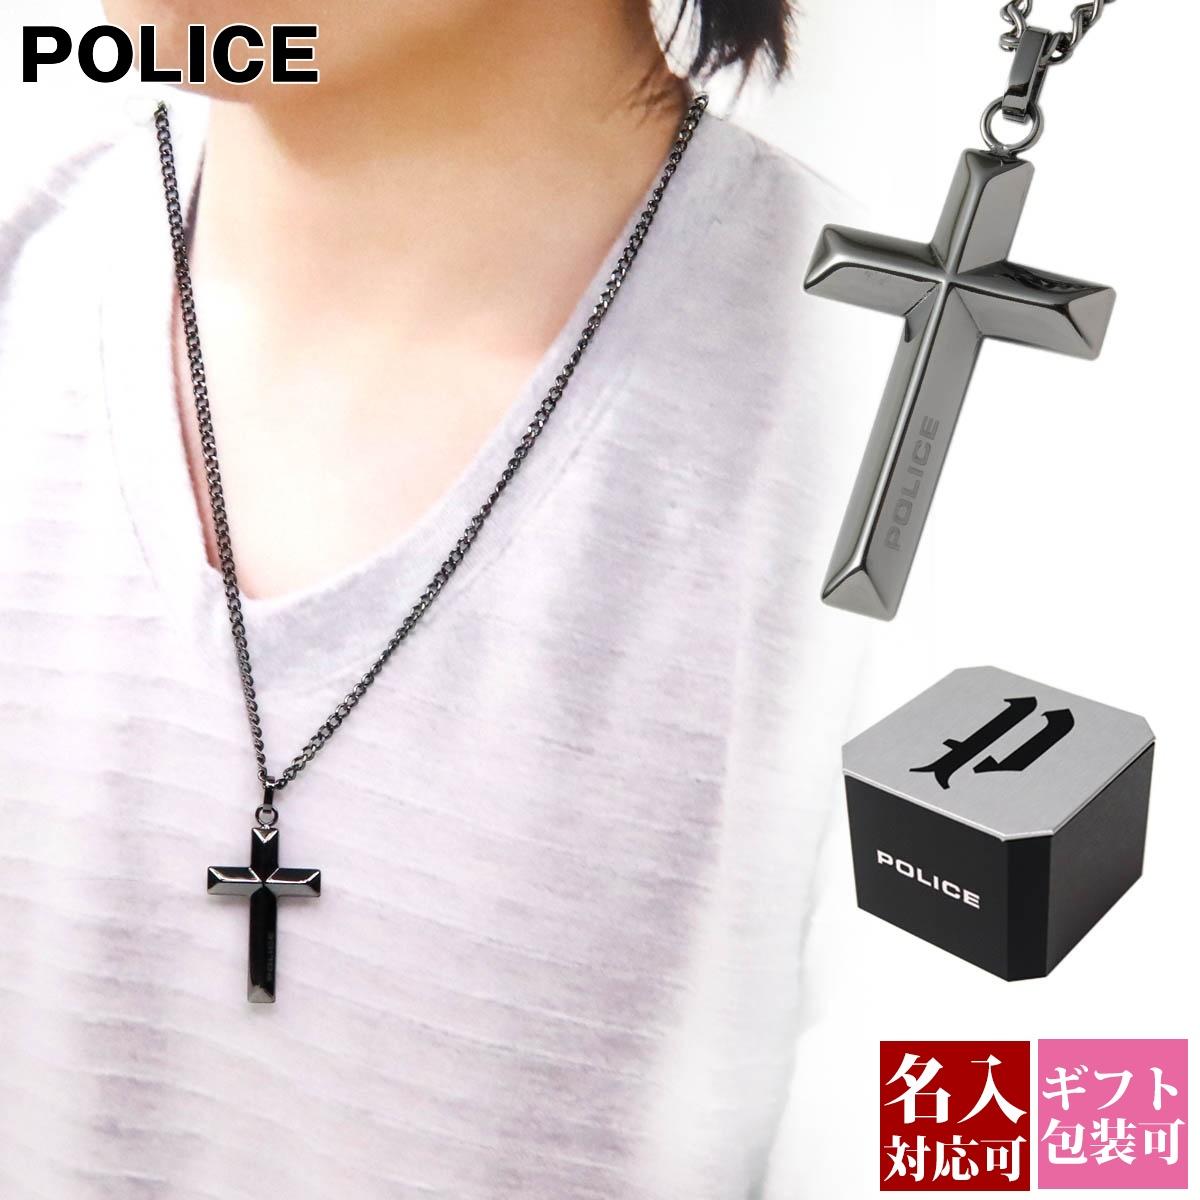 【名入れ】 ポリス POLICE ネックレス メンズ ペンダント クロス 十字架 タリファ TARIFA ガンメタ 26535PSU03